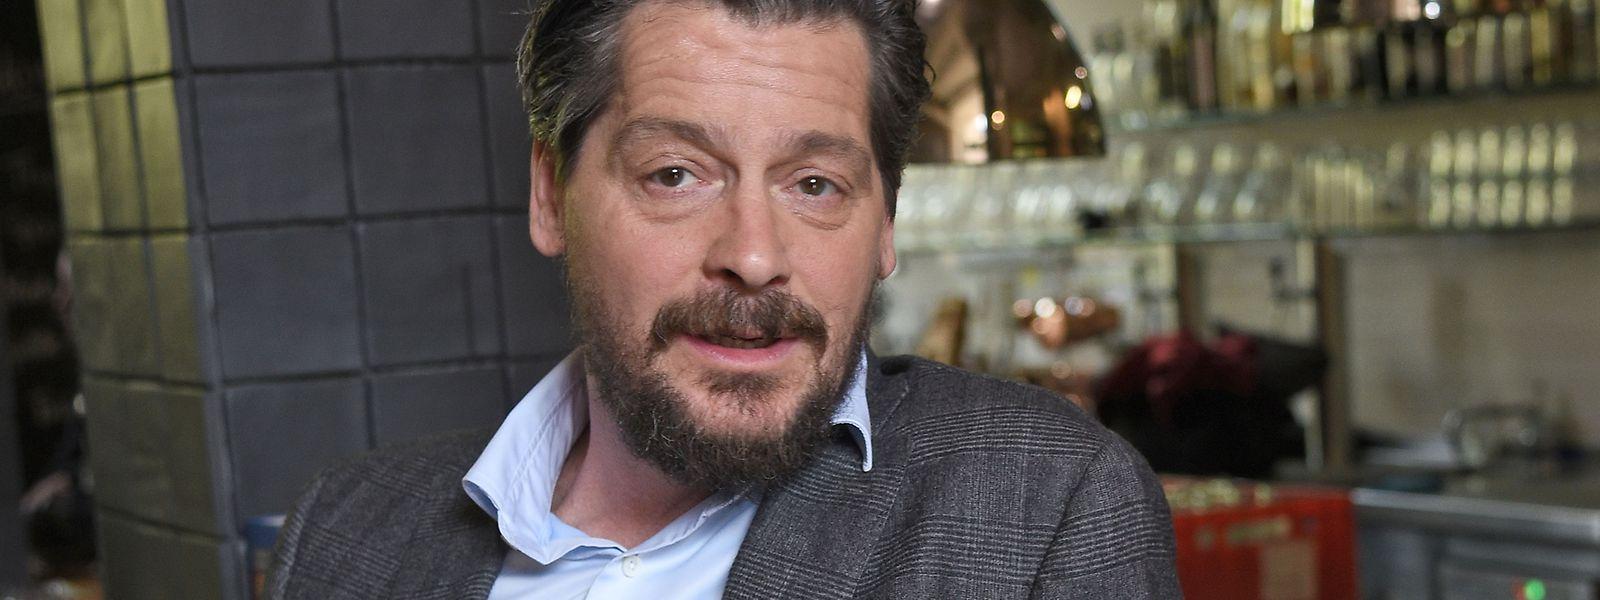 Für den jüngsten ARD-Serienzuwachs konnten die Macher den bekannten Schauspieler Fritz Karl gewinnen.